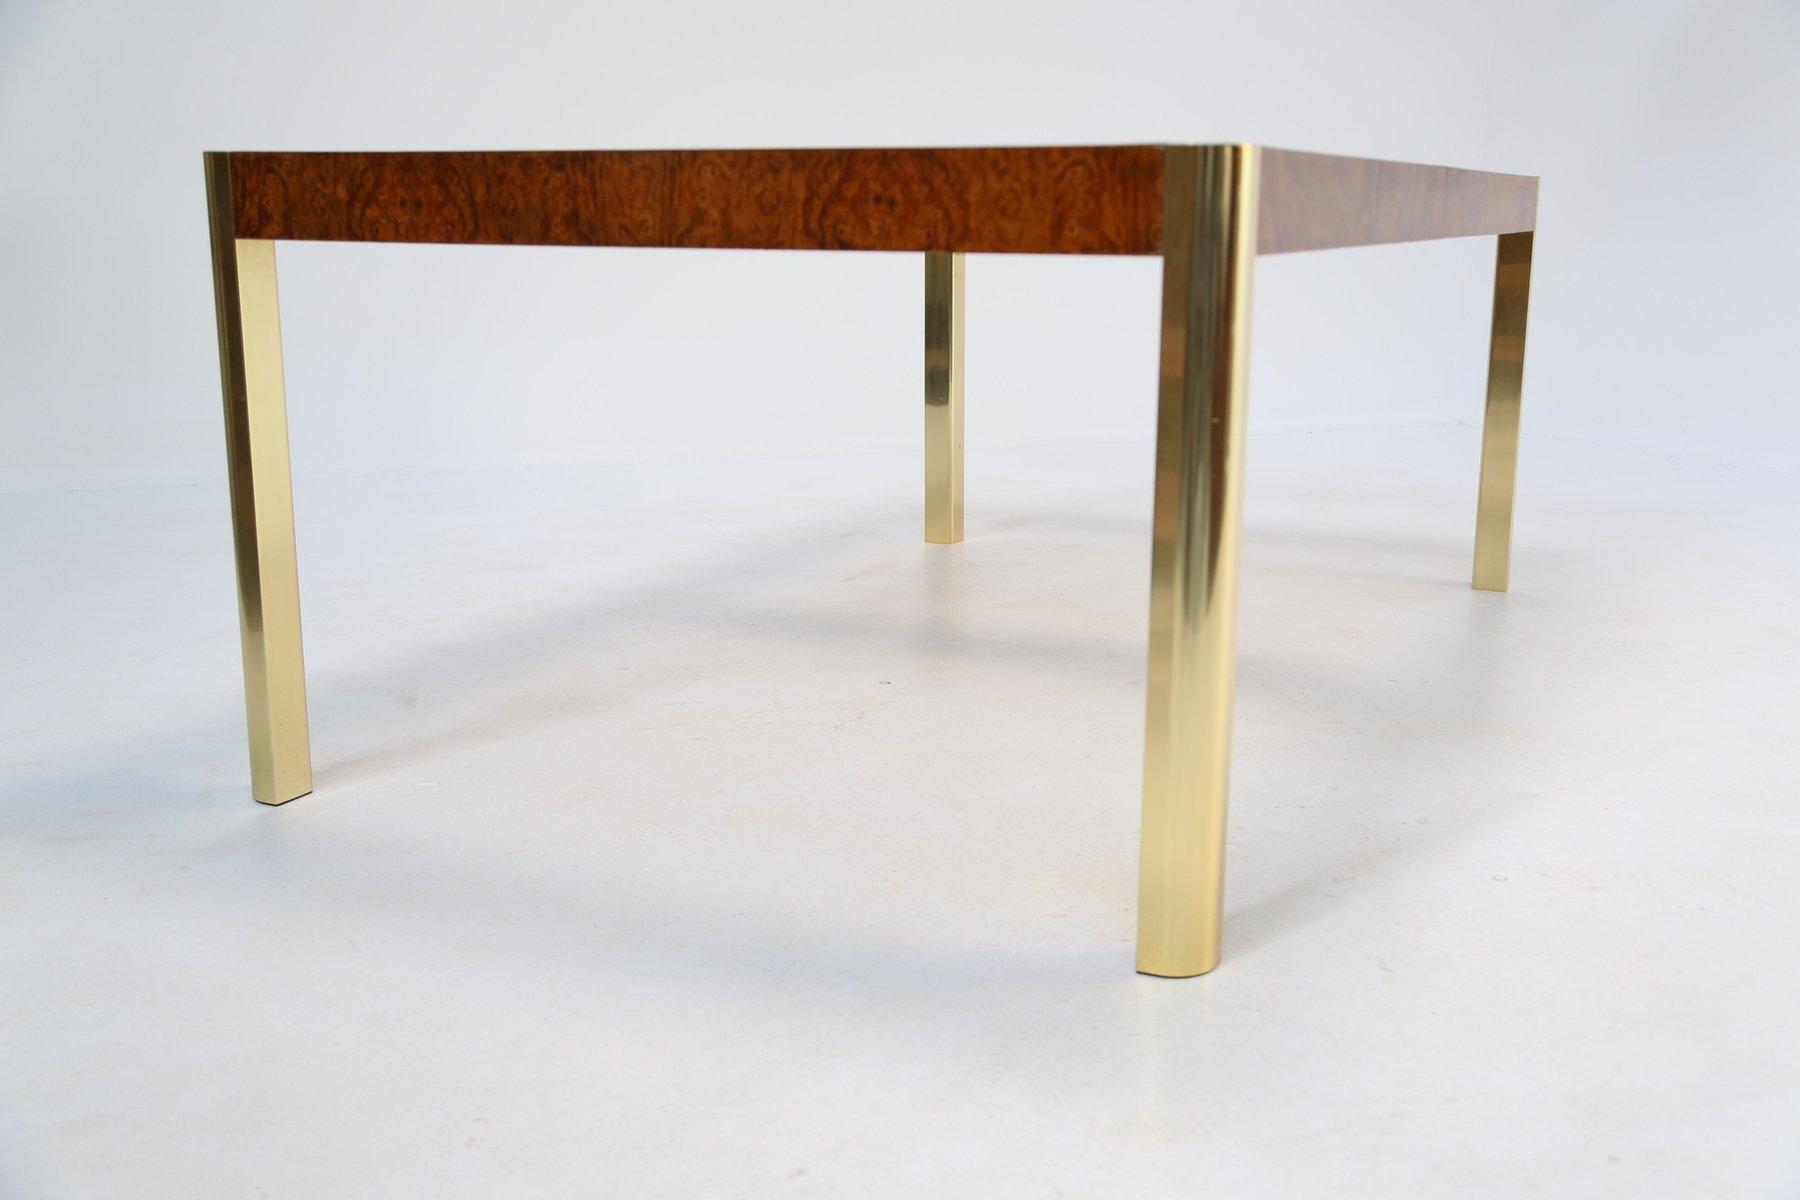 Esstisch aus wurzelholz messing glas von century - Esstisch aus glas ...